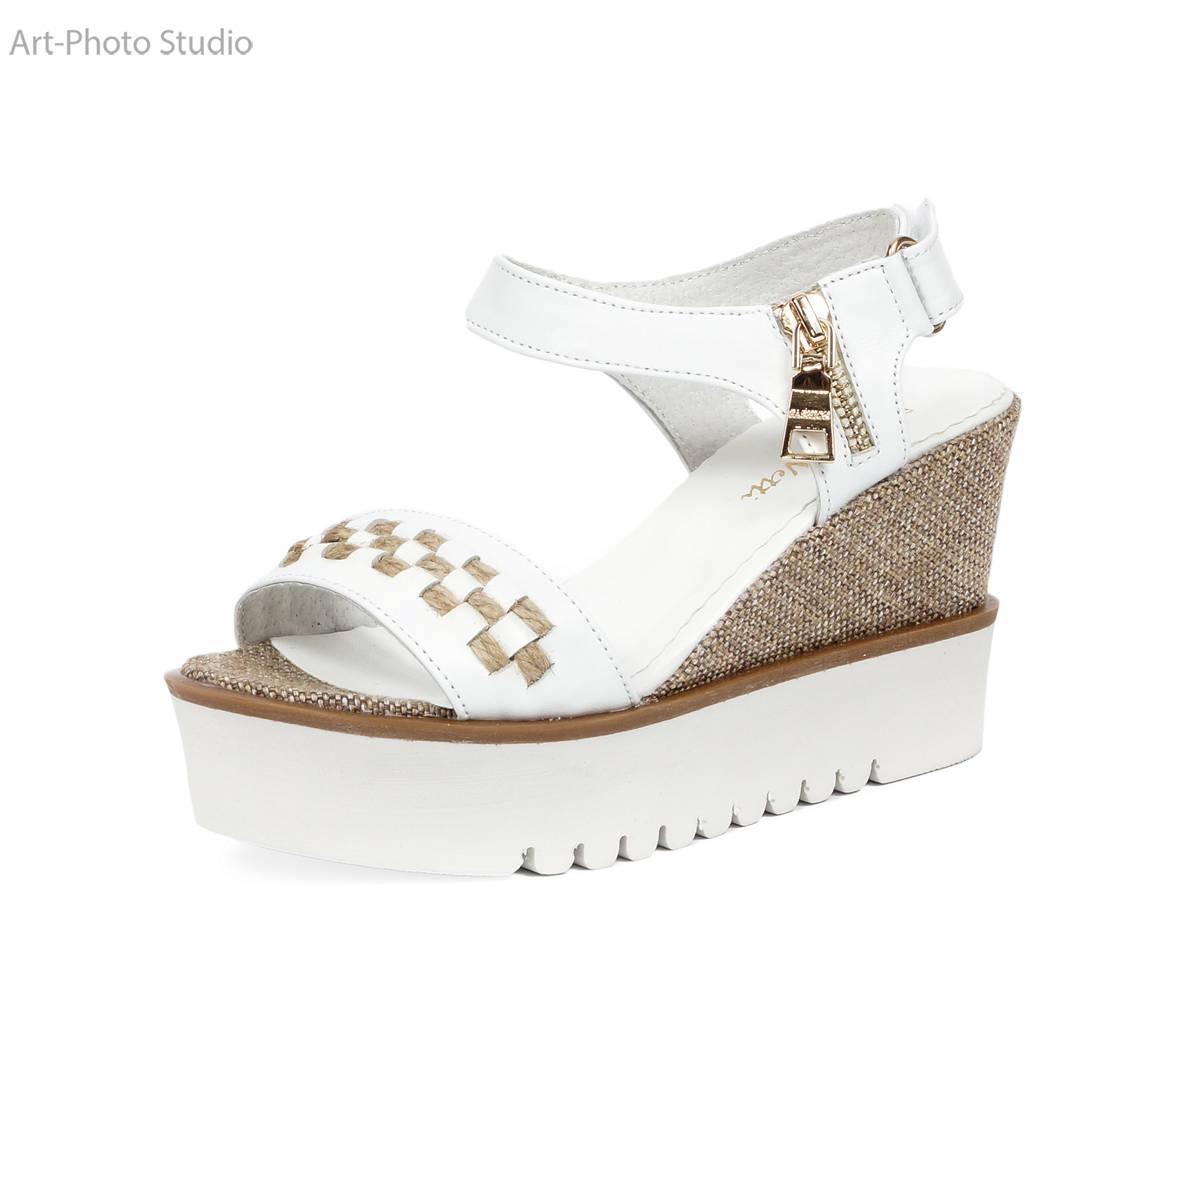 предметное фото обуви белого цвета